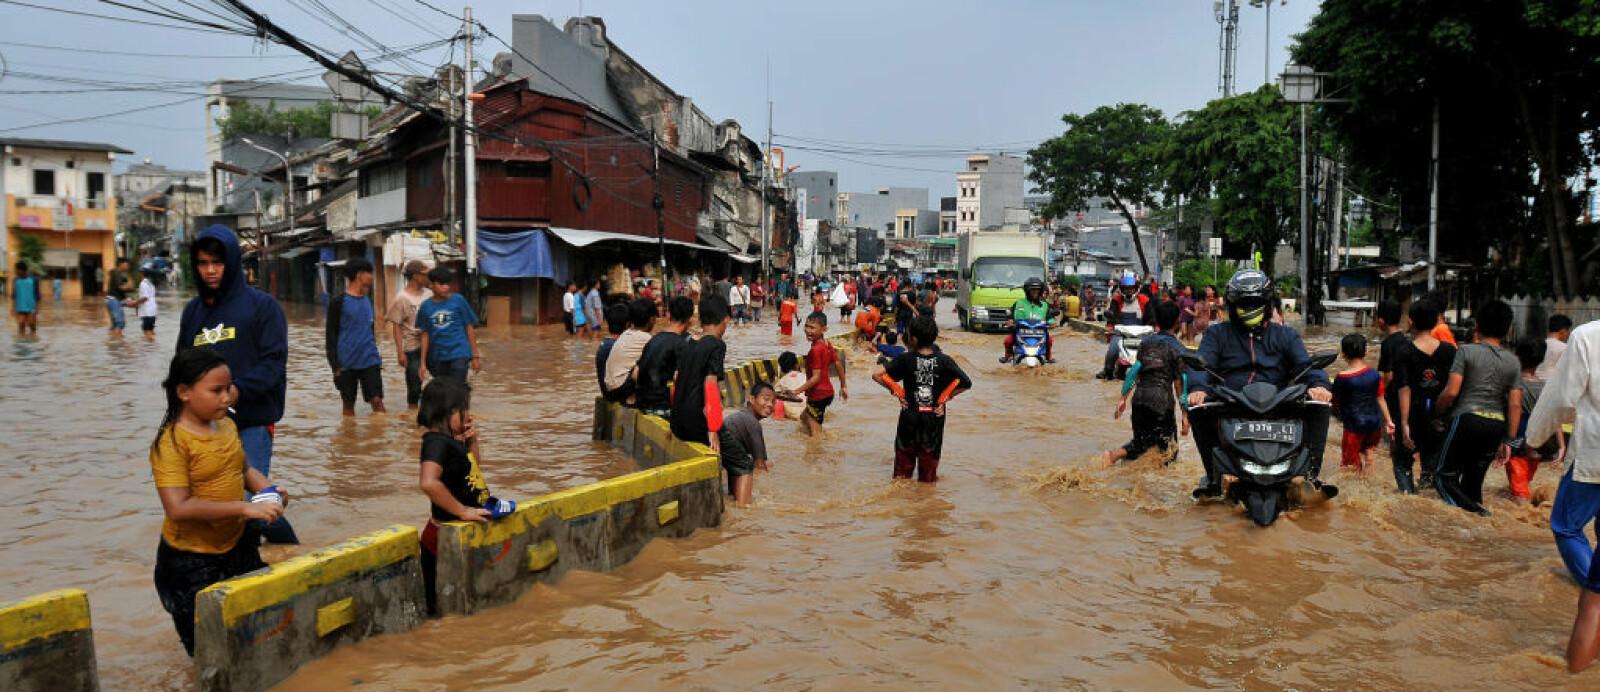 <b>FLOM:</b> Flom er vanlig i Jakarta. 13 elver har sitt løp gjennom byen. Bildet er fra april i år, da det nok en gang flommet over etter mye regn.